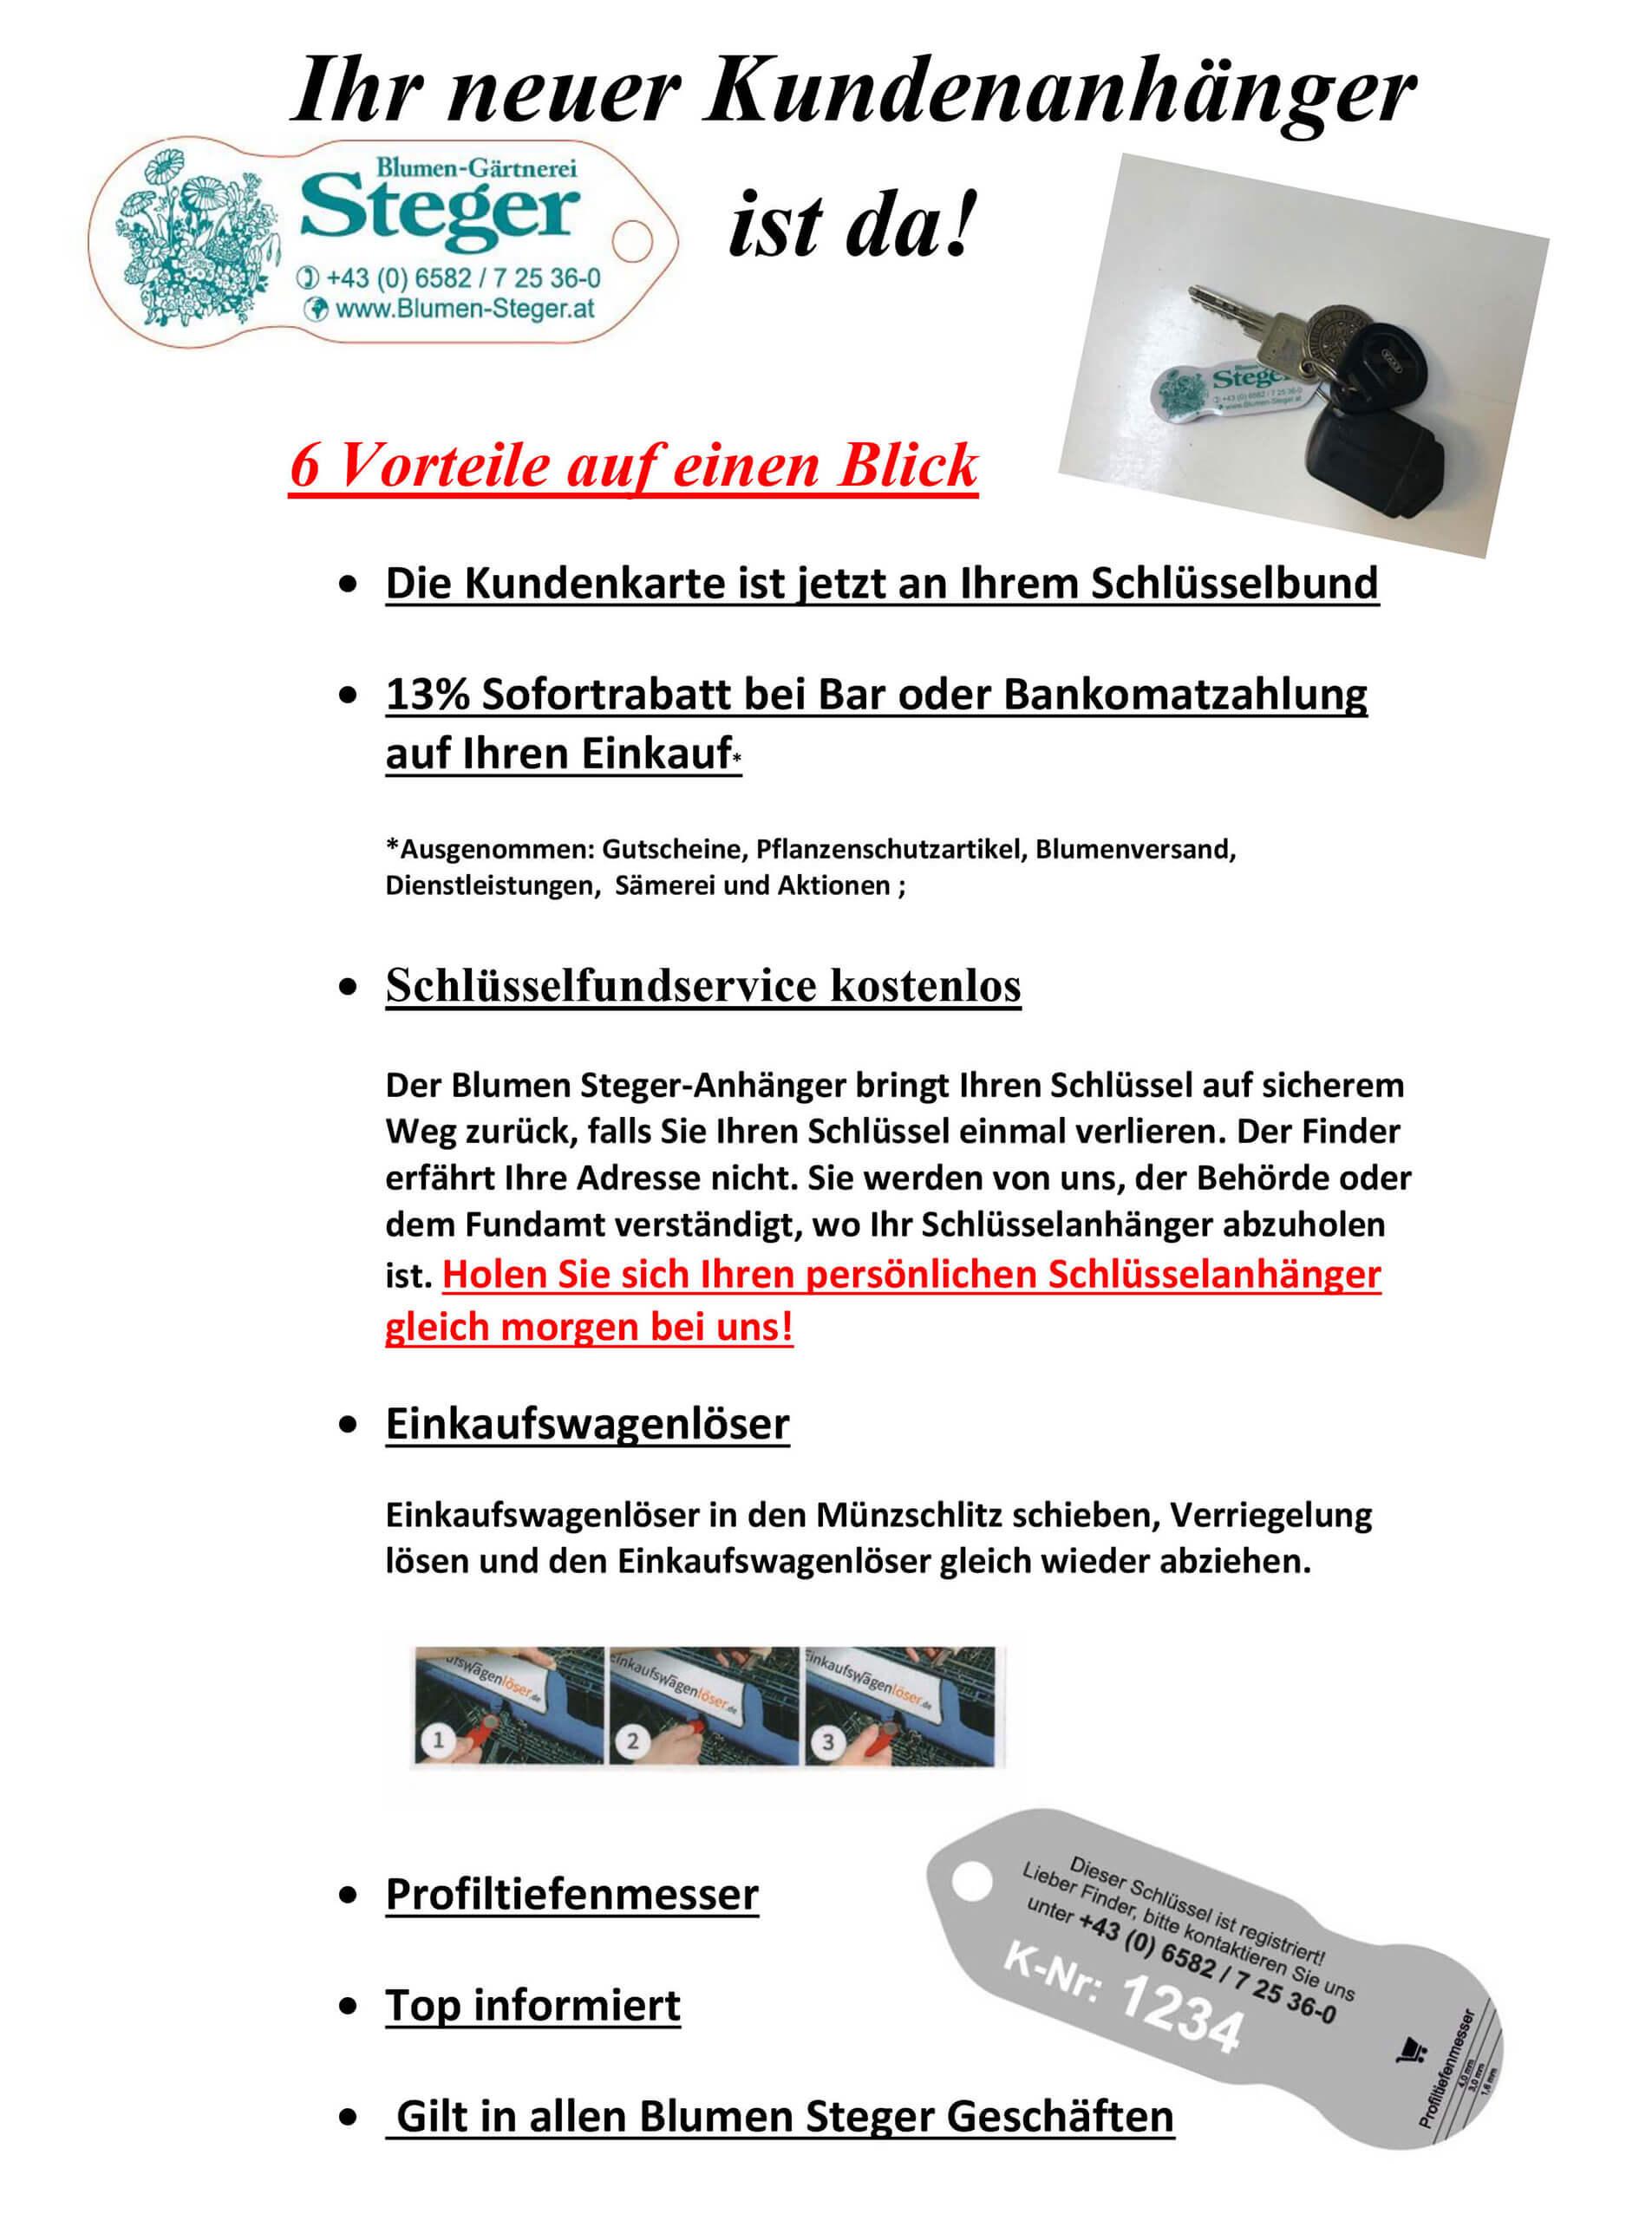 Kundenanhaenger-Blumen-Gaertnerei-Steger-Saalfelden-Bruck